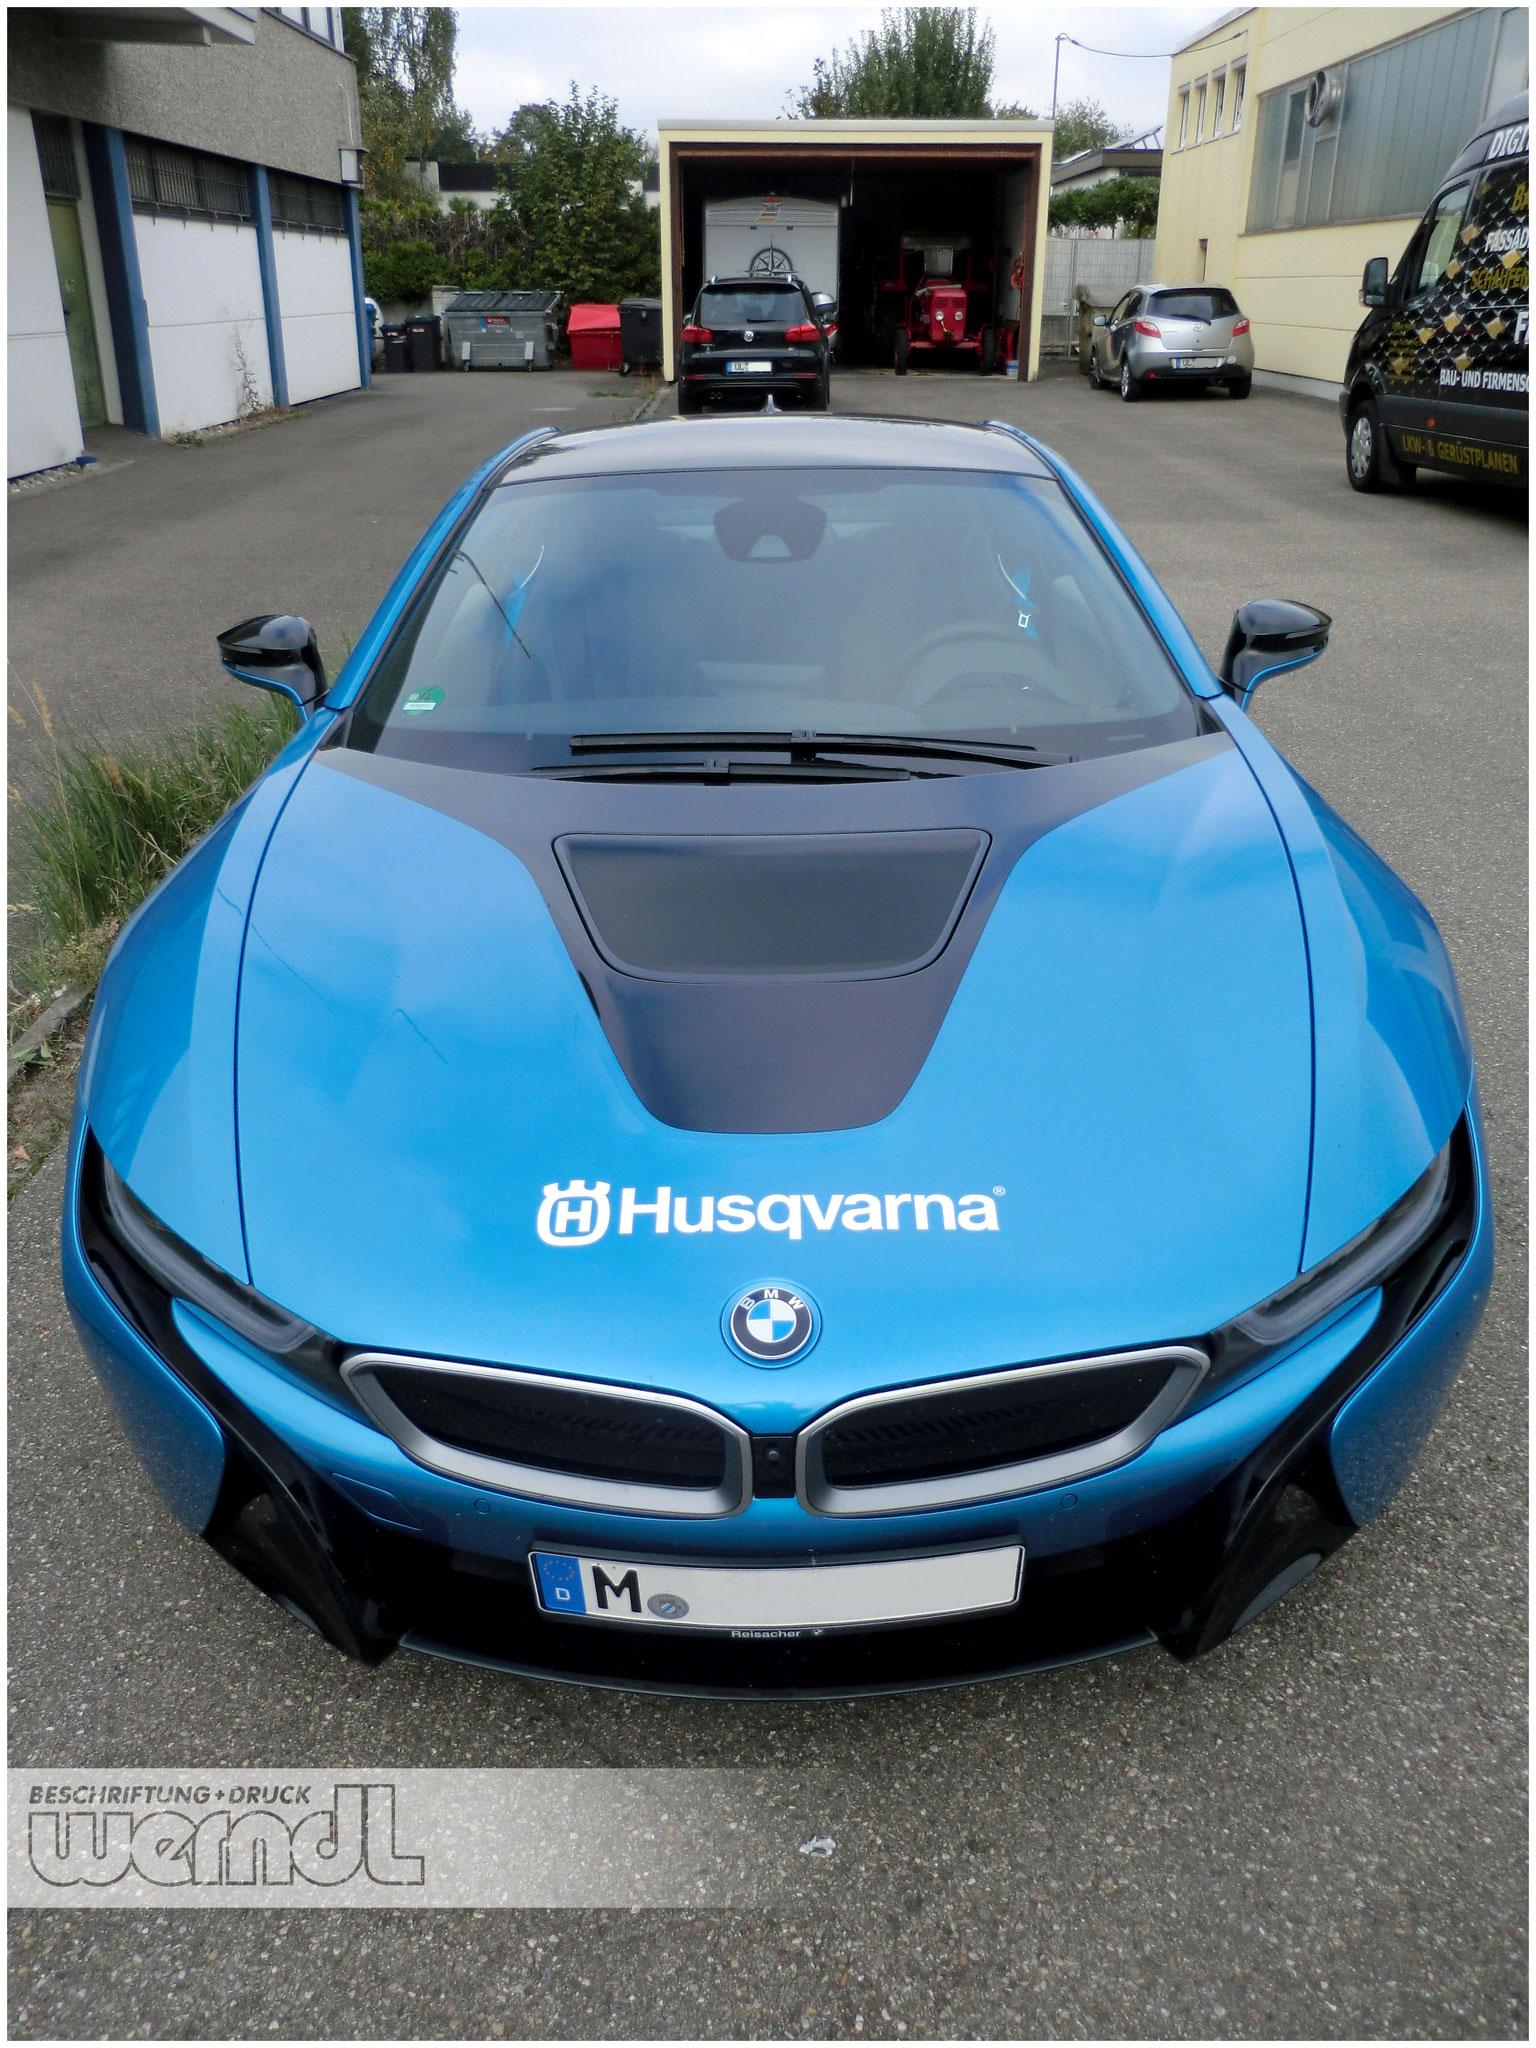 BMW i8 wiederablösbare Messebeschriftung für Husqvarna